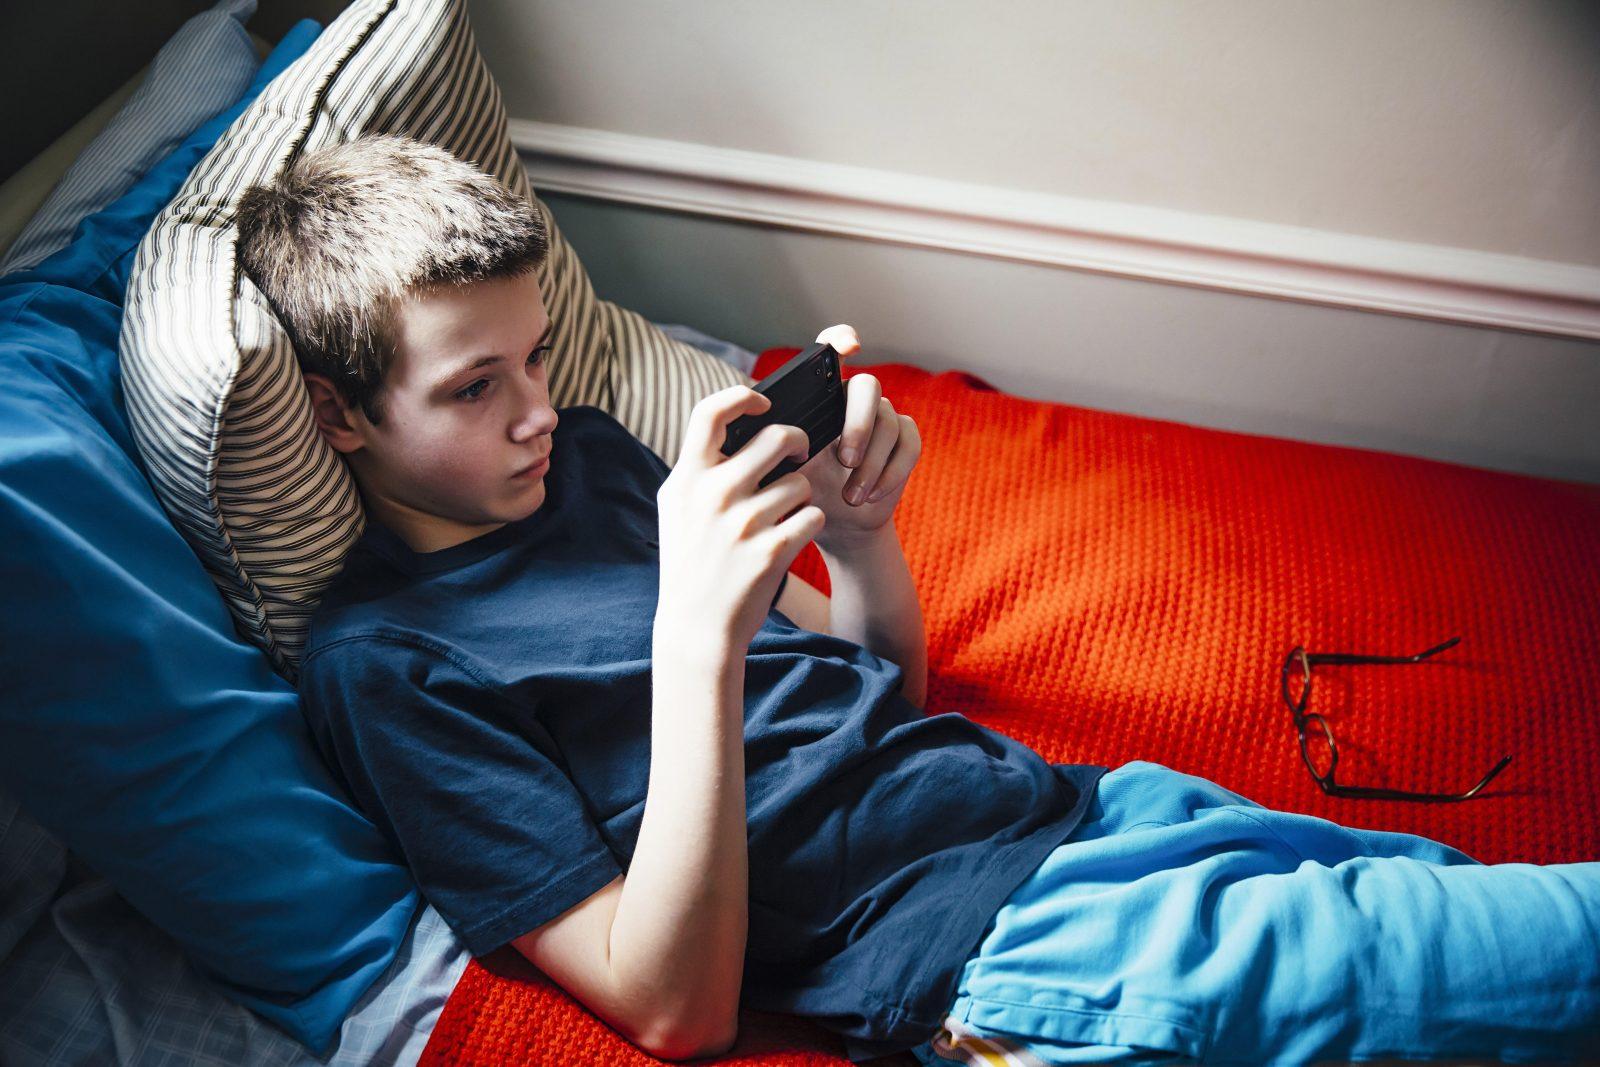 Junge am Handy: Viele Jugendliche legen ihre mobilen Geräte kaum aus der Hand